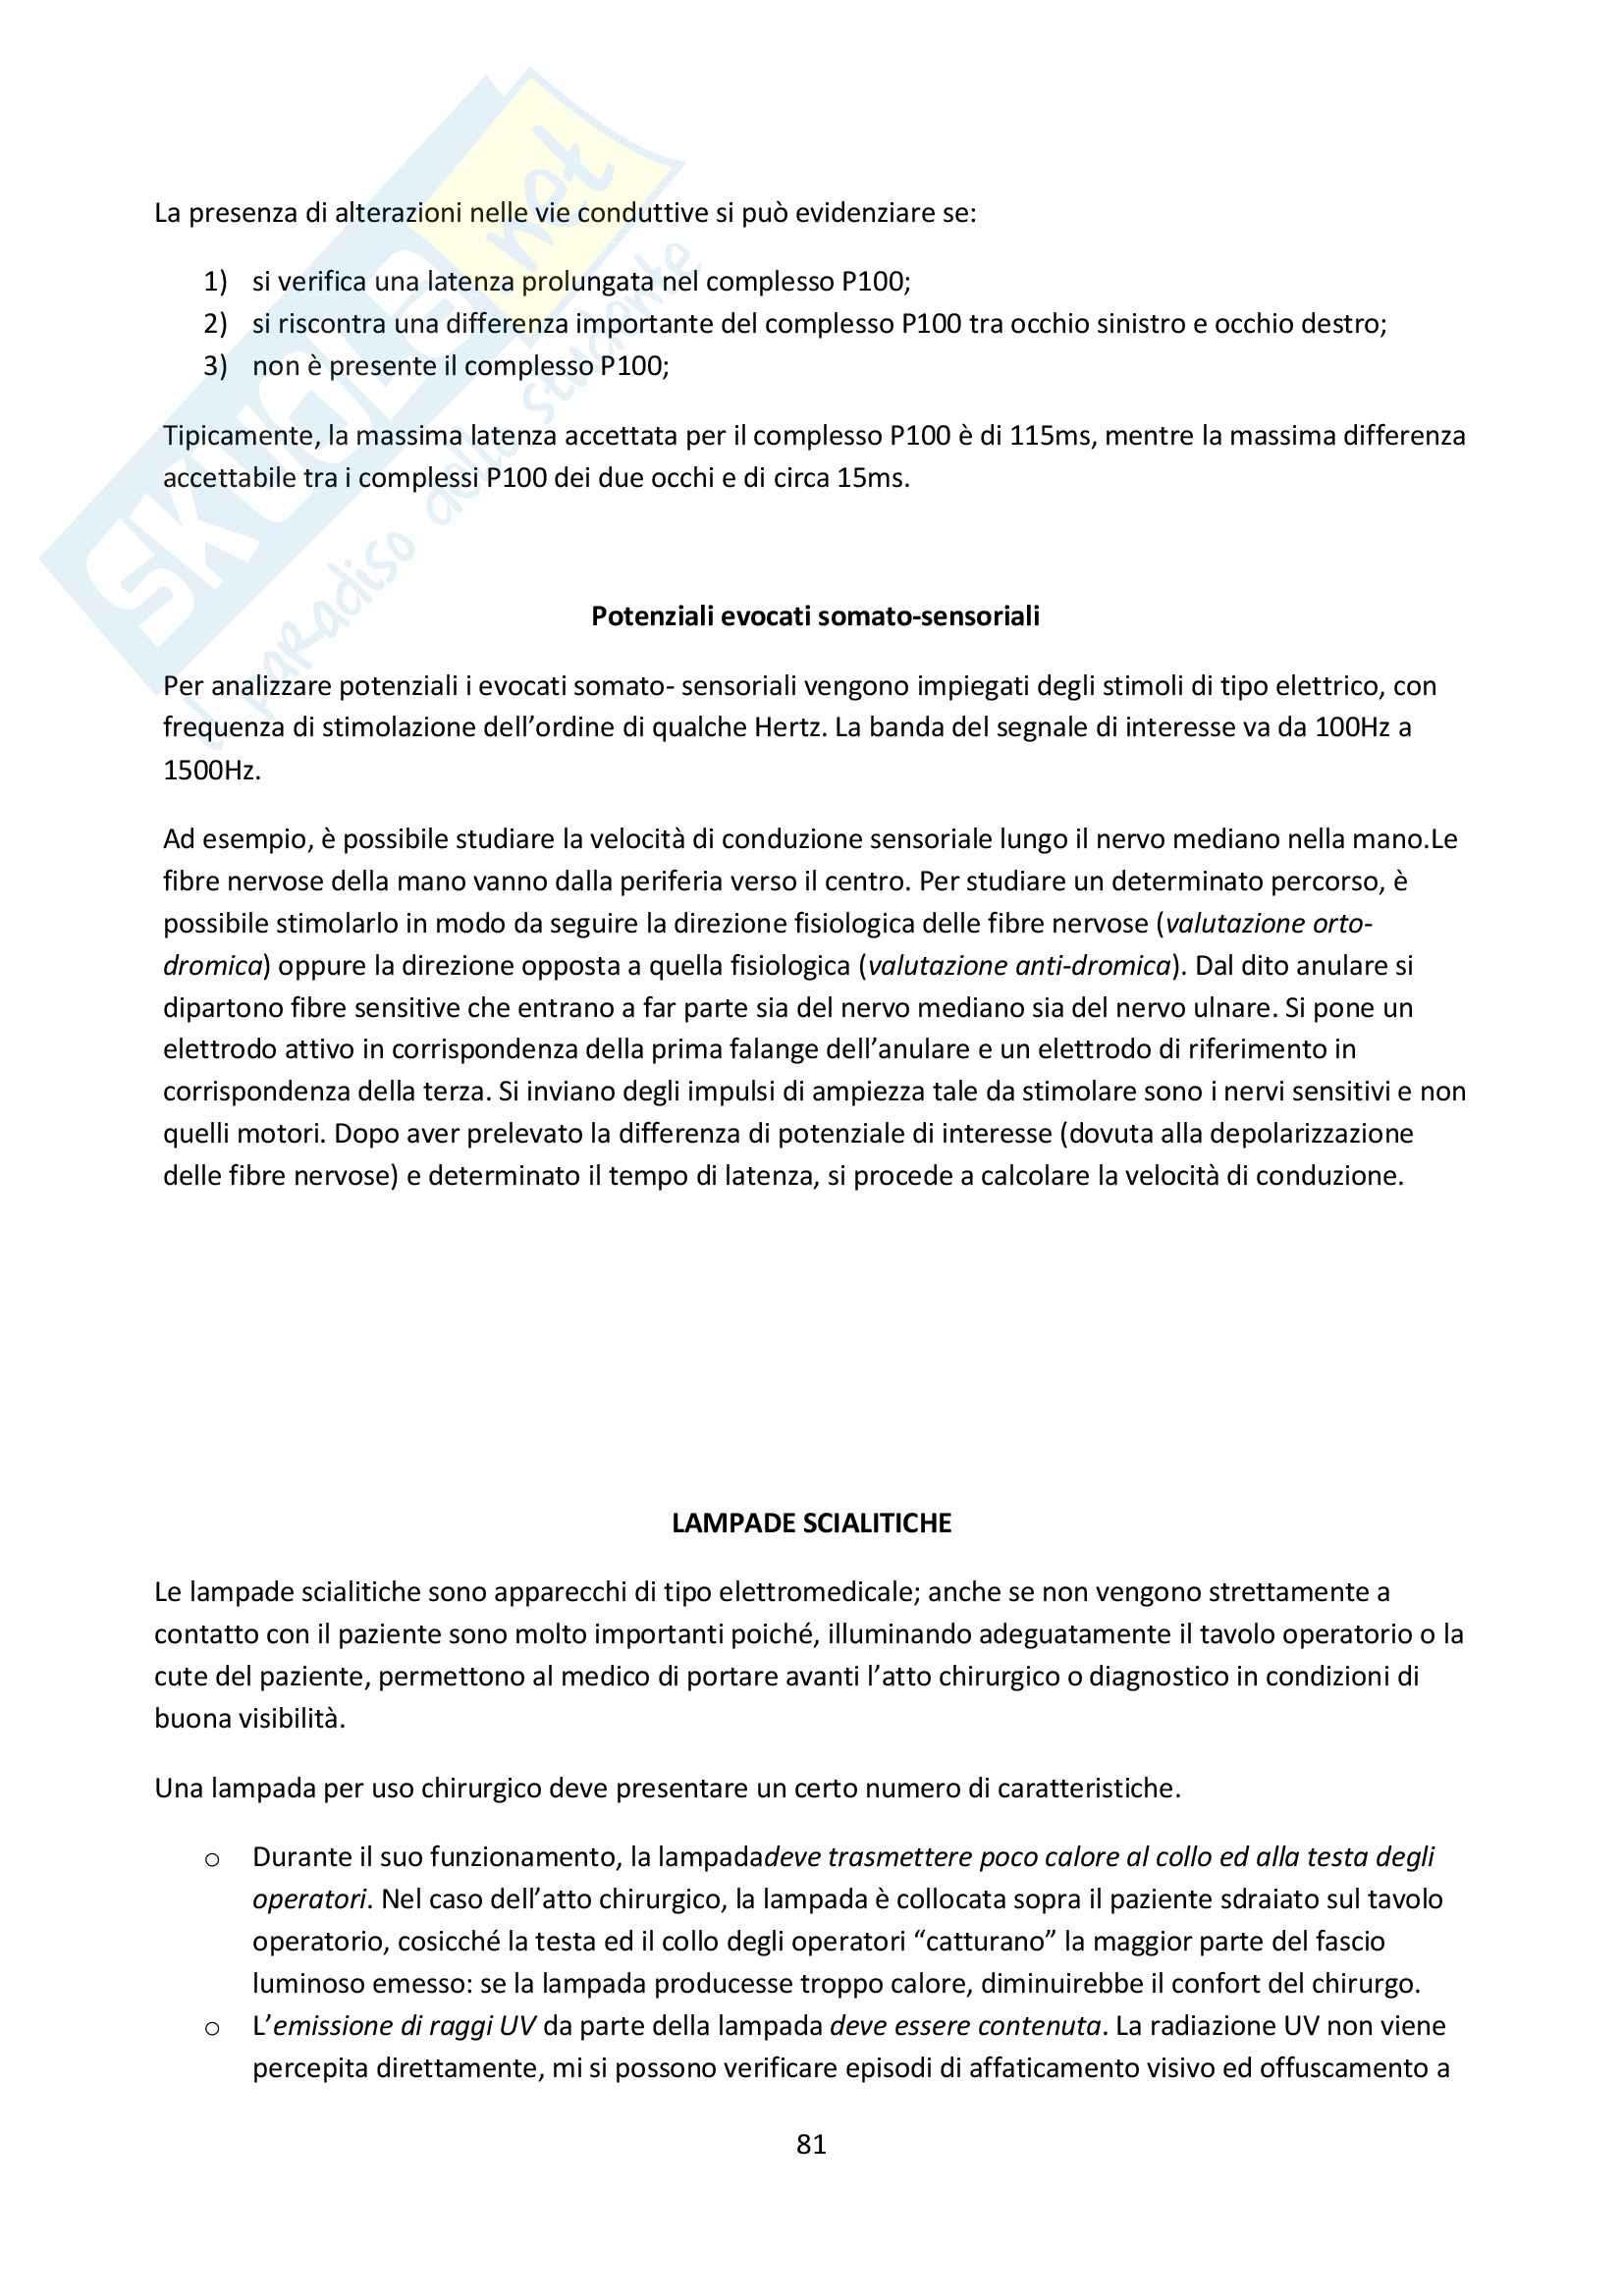 Riassunto di bioingegneria elettronica Pag. 81